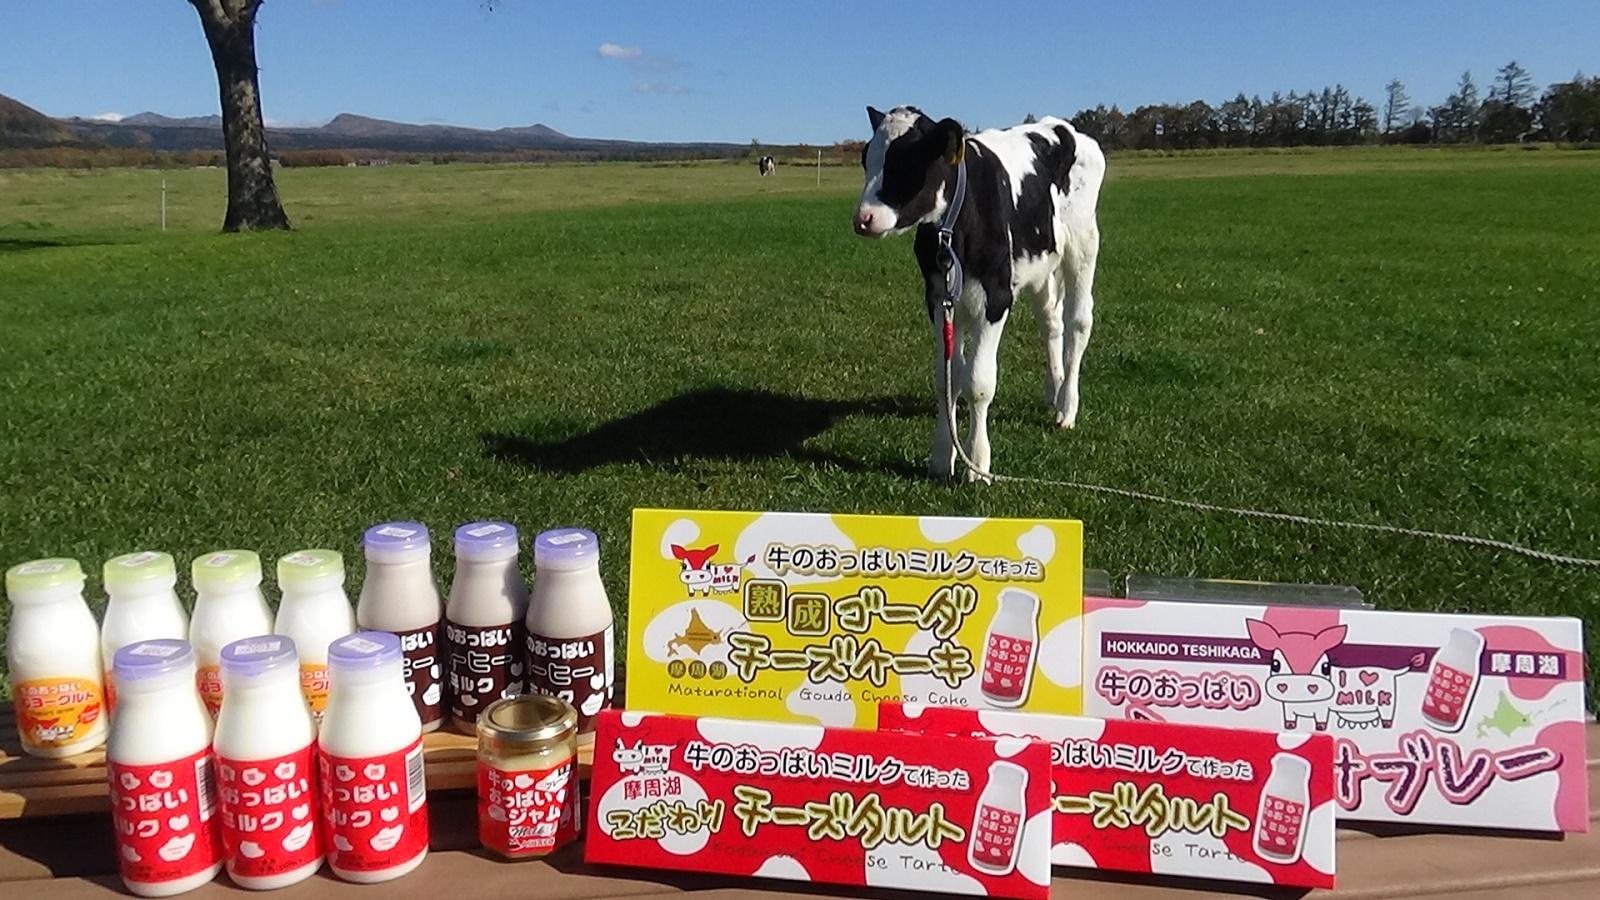 【ふるさと納税】77.牛のおっぱいミルクセット スペシャルセット3 (牛乳 コーヒー牛乳 飲むヨーグルト チーズタルト ミルクサブレ チーズケーキ ジャム) スイーツ お取り寄せ 20000円